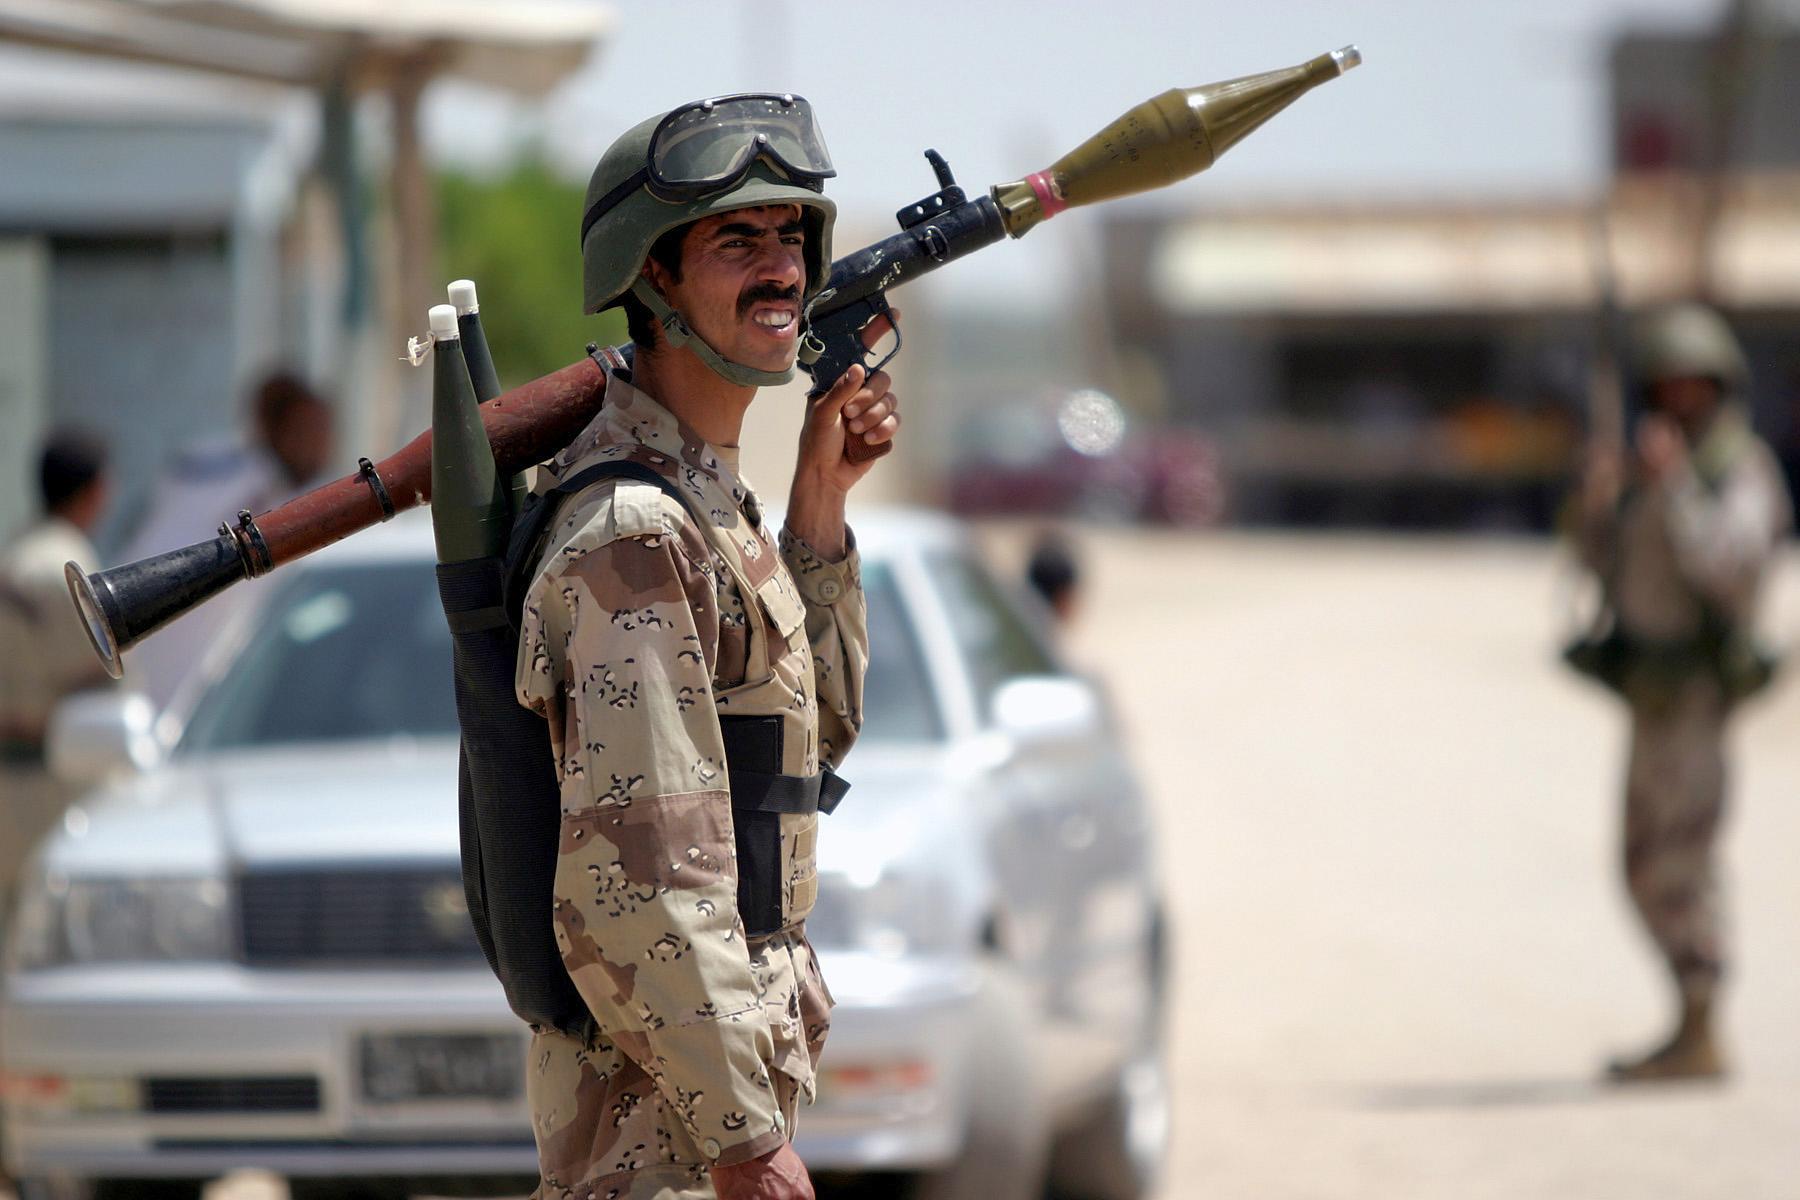 هديتنا للمقاومه الإسلاميه في غزه ISF_member_armed_with_RPG-7